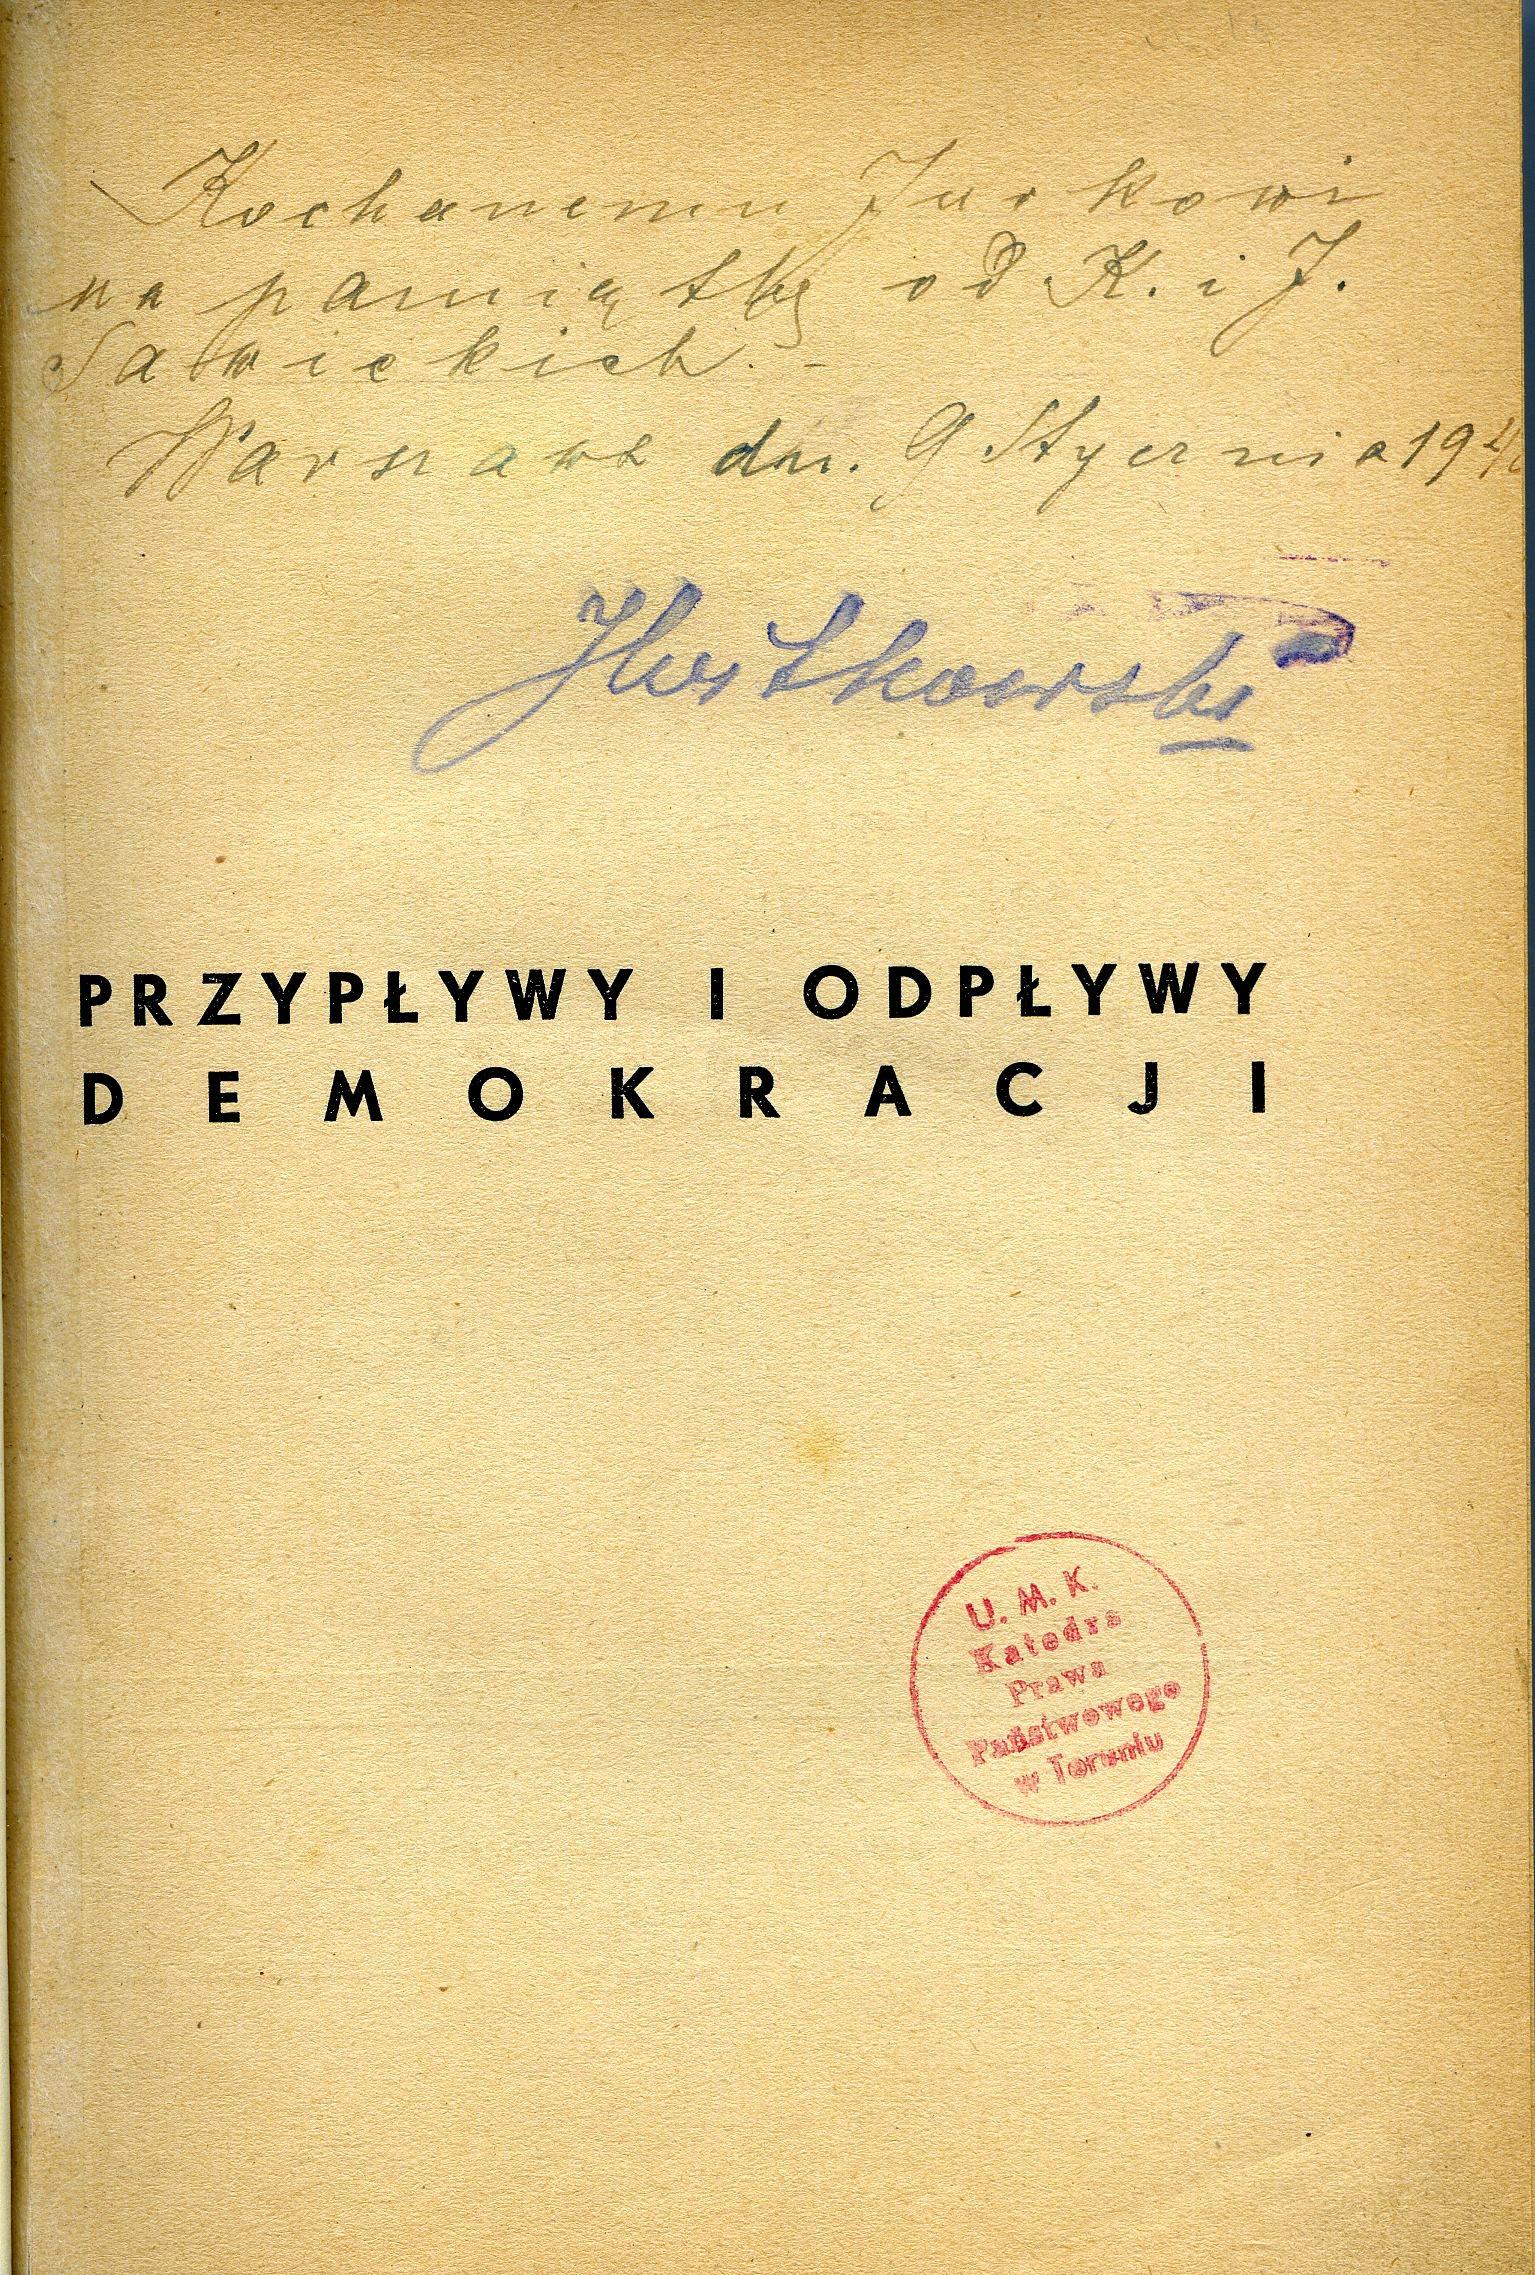 """<div class='inner-box'><div class='close-desc'></div><span class='opis'>Dedykacja: Aleksander Trzaska-Chrząszczewski dla Jerzego Giedroycia. """"Przypływy i odpływy demokracji"""", Wyd. Polityka 1939.</span><div class='clearfix'></div><span>Cote du document dedyk047b</span><div class='clearfix'></div><span>© Instytut Literacki</span></div>"""